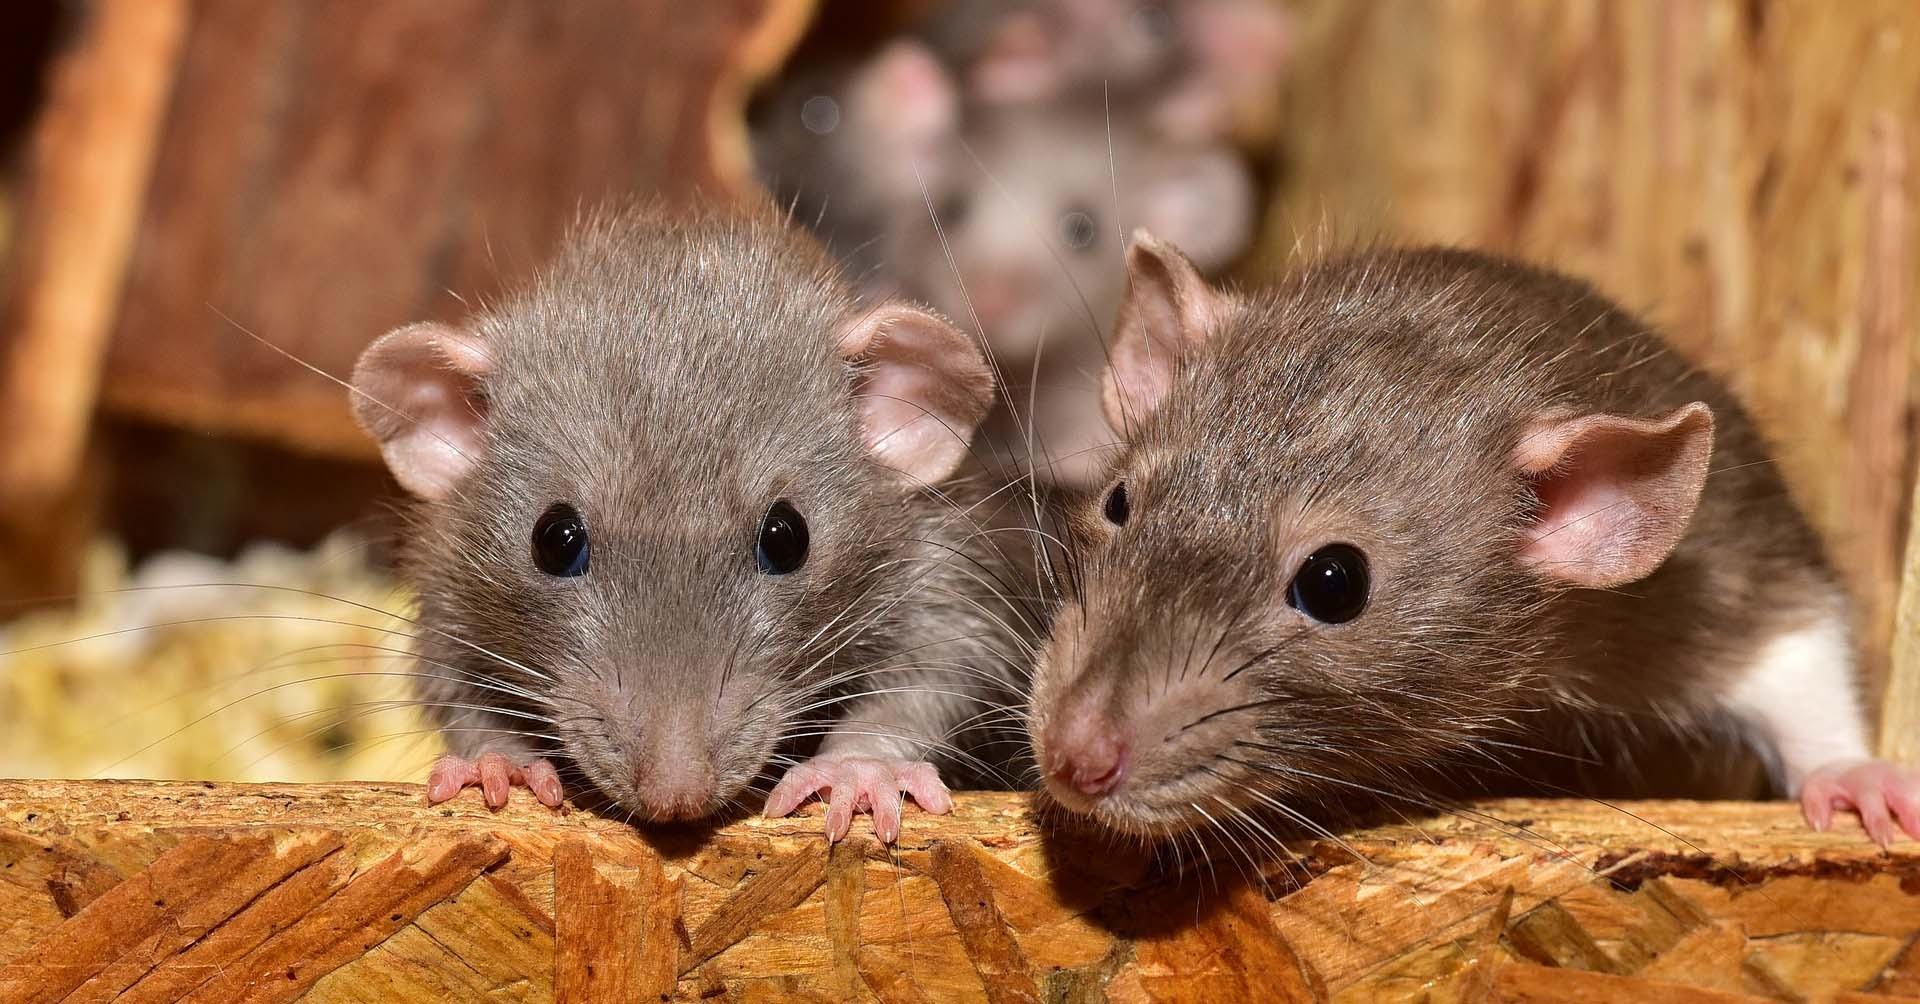 Eliminación de roedores en entornos ganaderos y agrícolas | Zotal